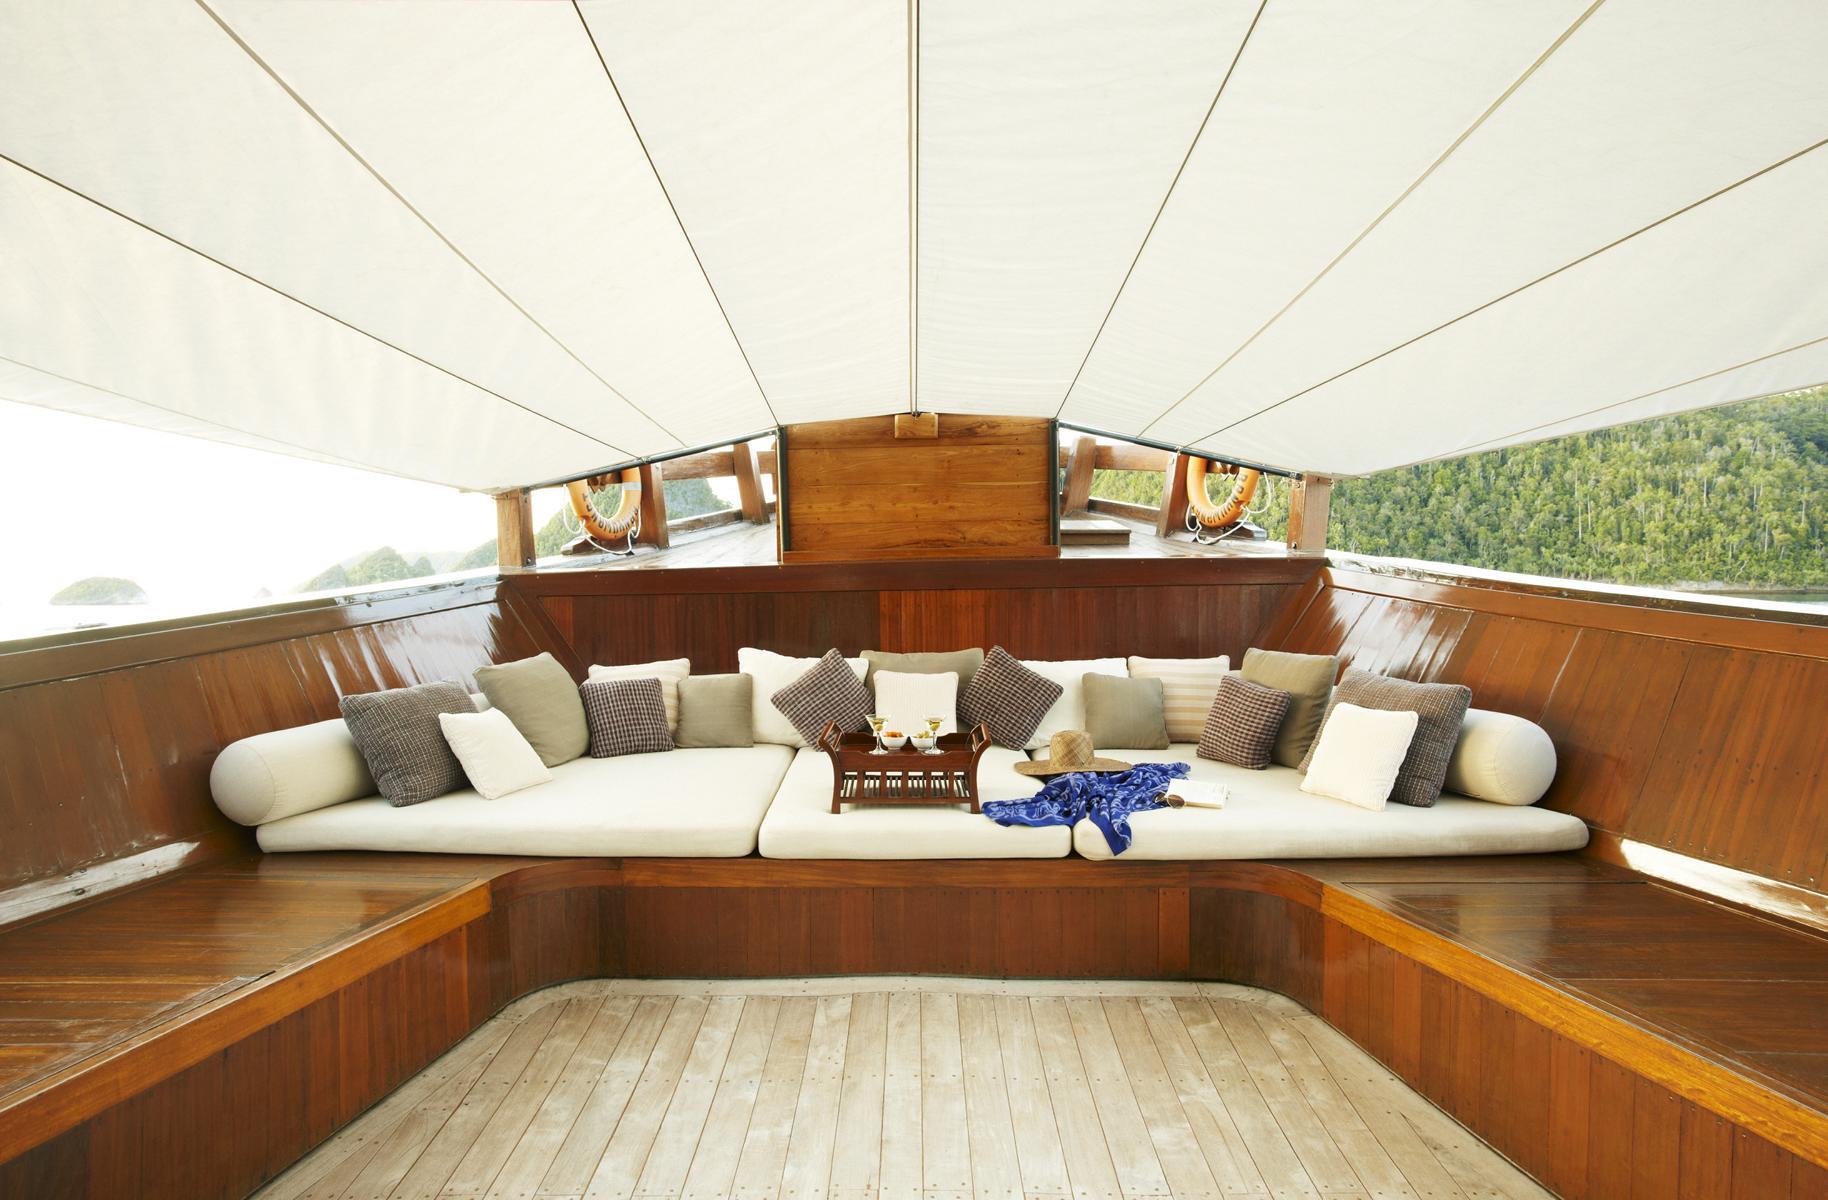 Lounge auf dem Vorderdeck der Amanikan von Aman Cruises in Indonesien